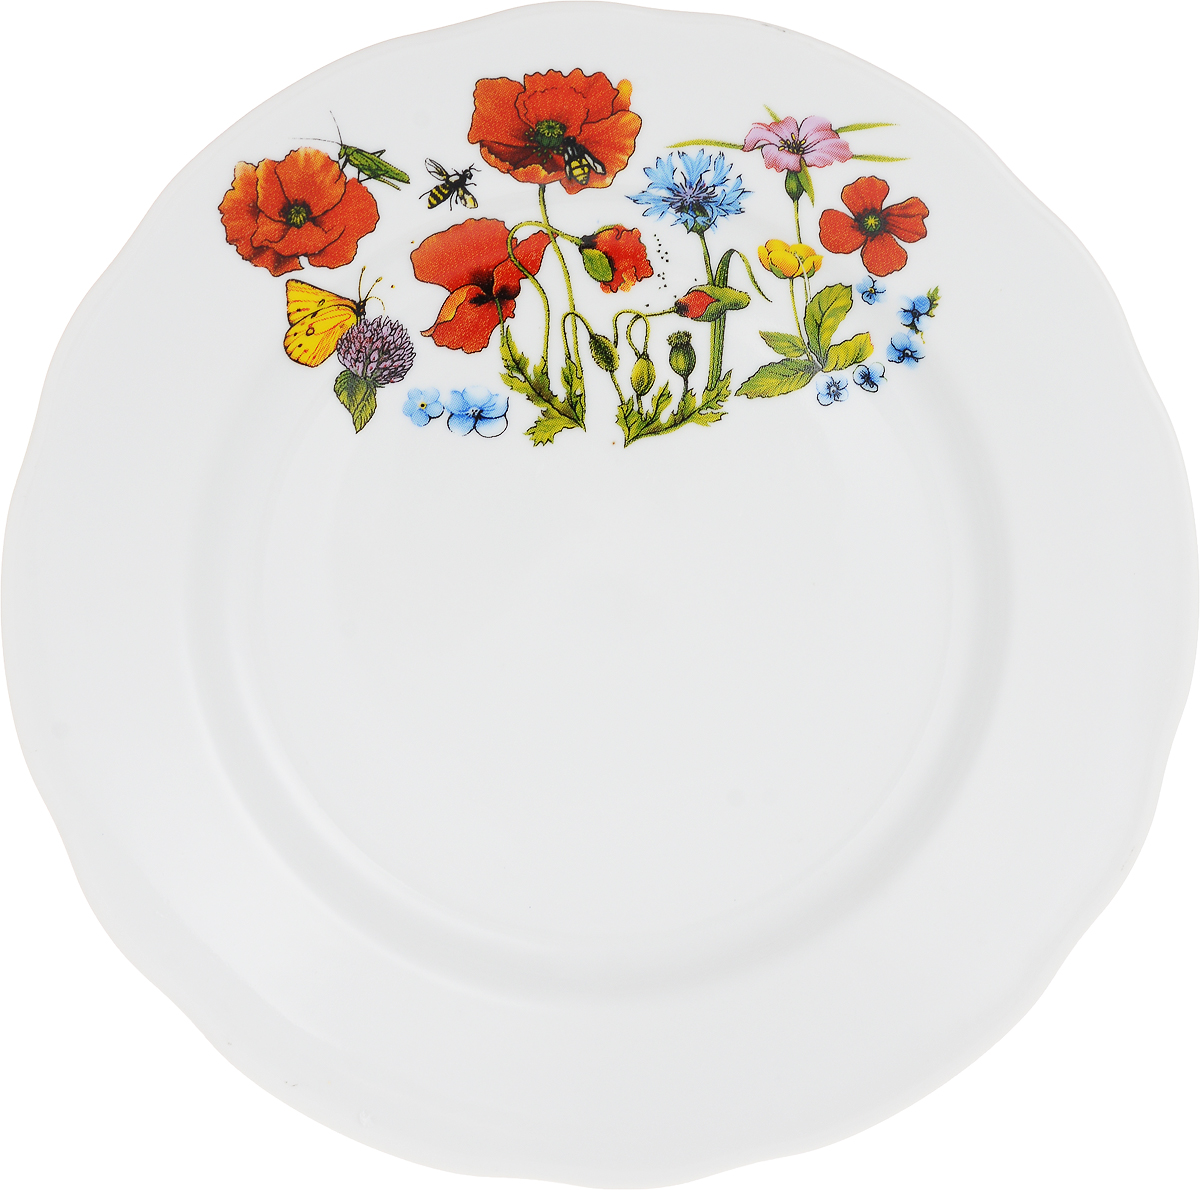 Тарелка мелкая Дулевский Фарфор Цветущий луг, диаметр 20 см073442Тарелка Дулевский Фарфор Цветущий луг выполнена из высококачественного фарфора, покрытого глазурью. Изделие дополнено красочным цветочным рисунком и вырезным краем. Такая тарелка отлично подойдет для подачи десертов, а также нарезок или закусок.